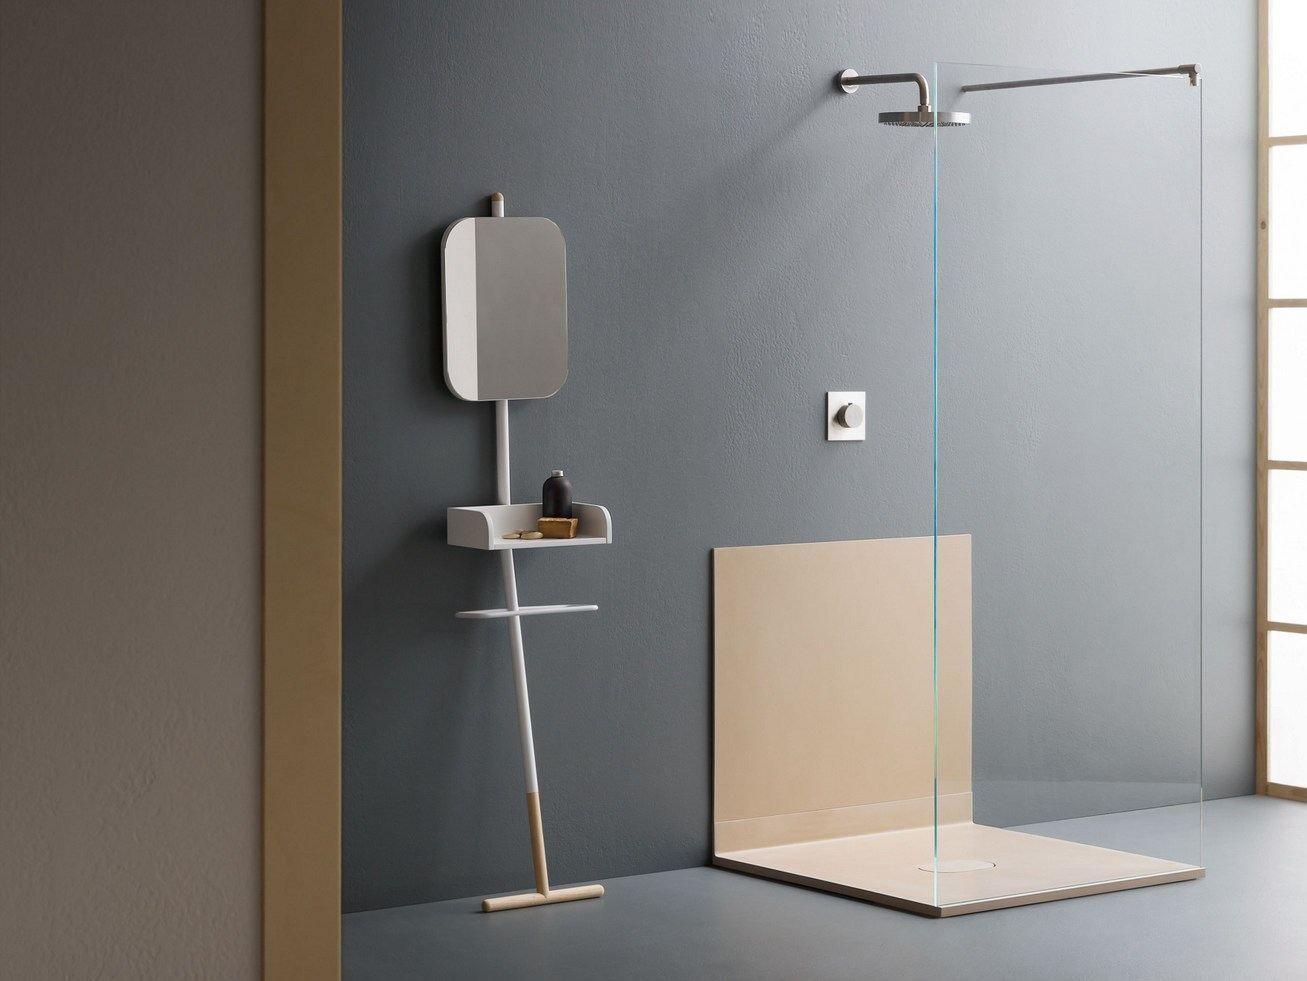 Oblon by novello design stefano cavazzana for Tarif salle de bain complete